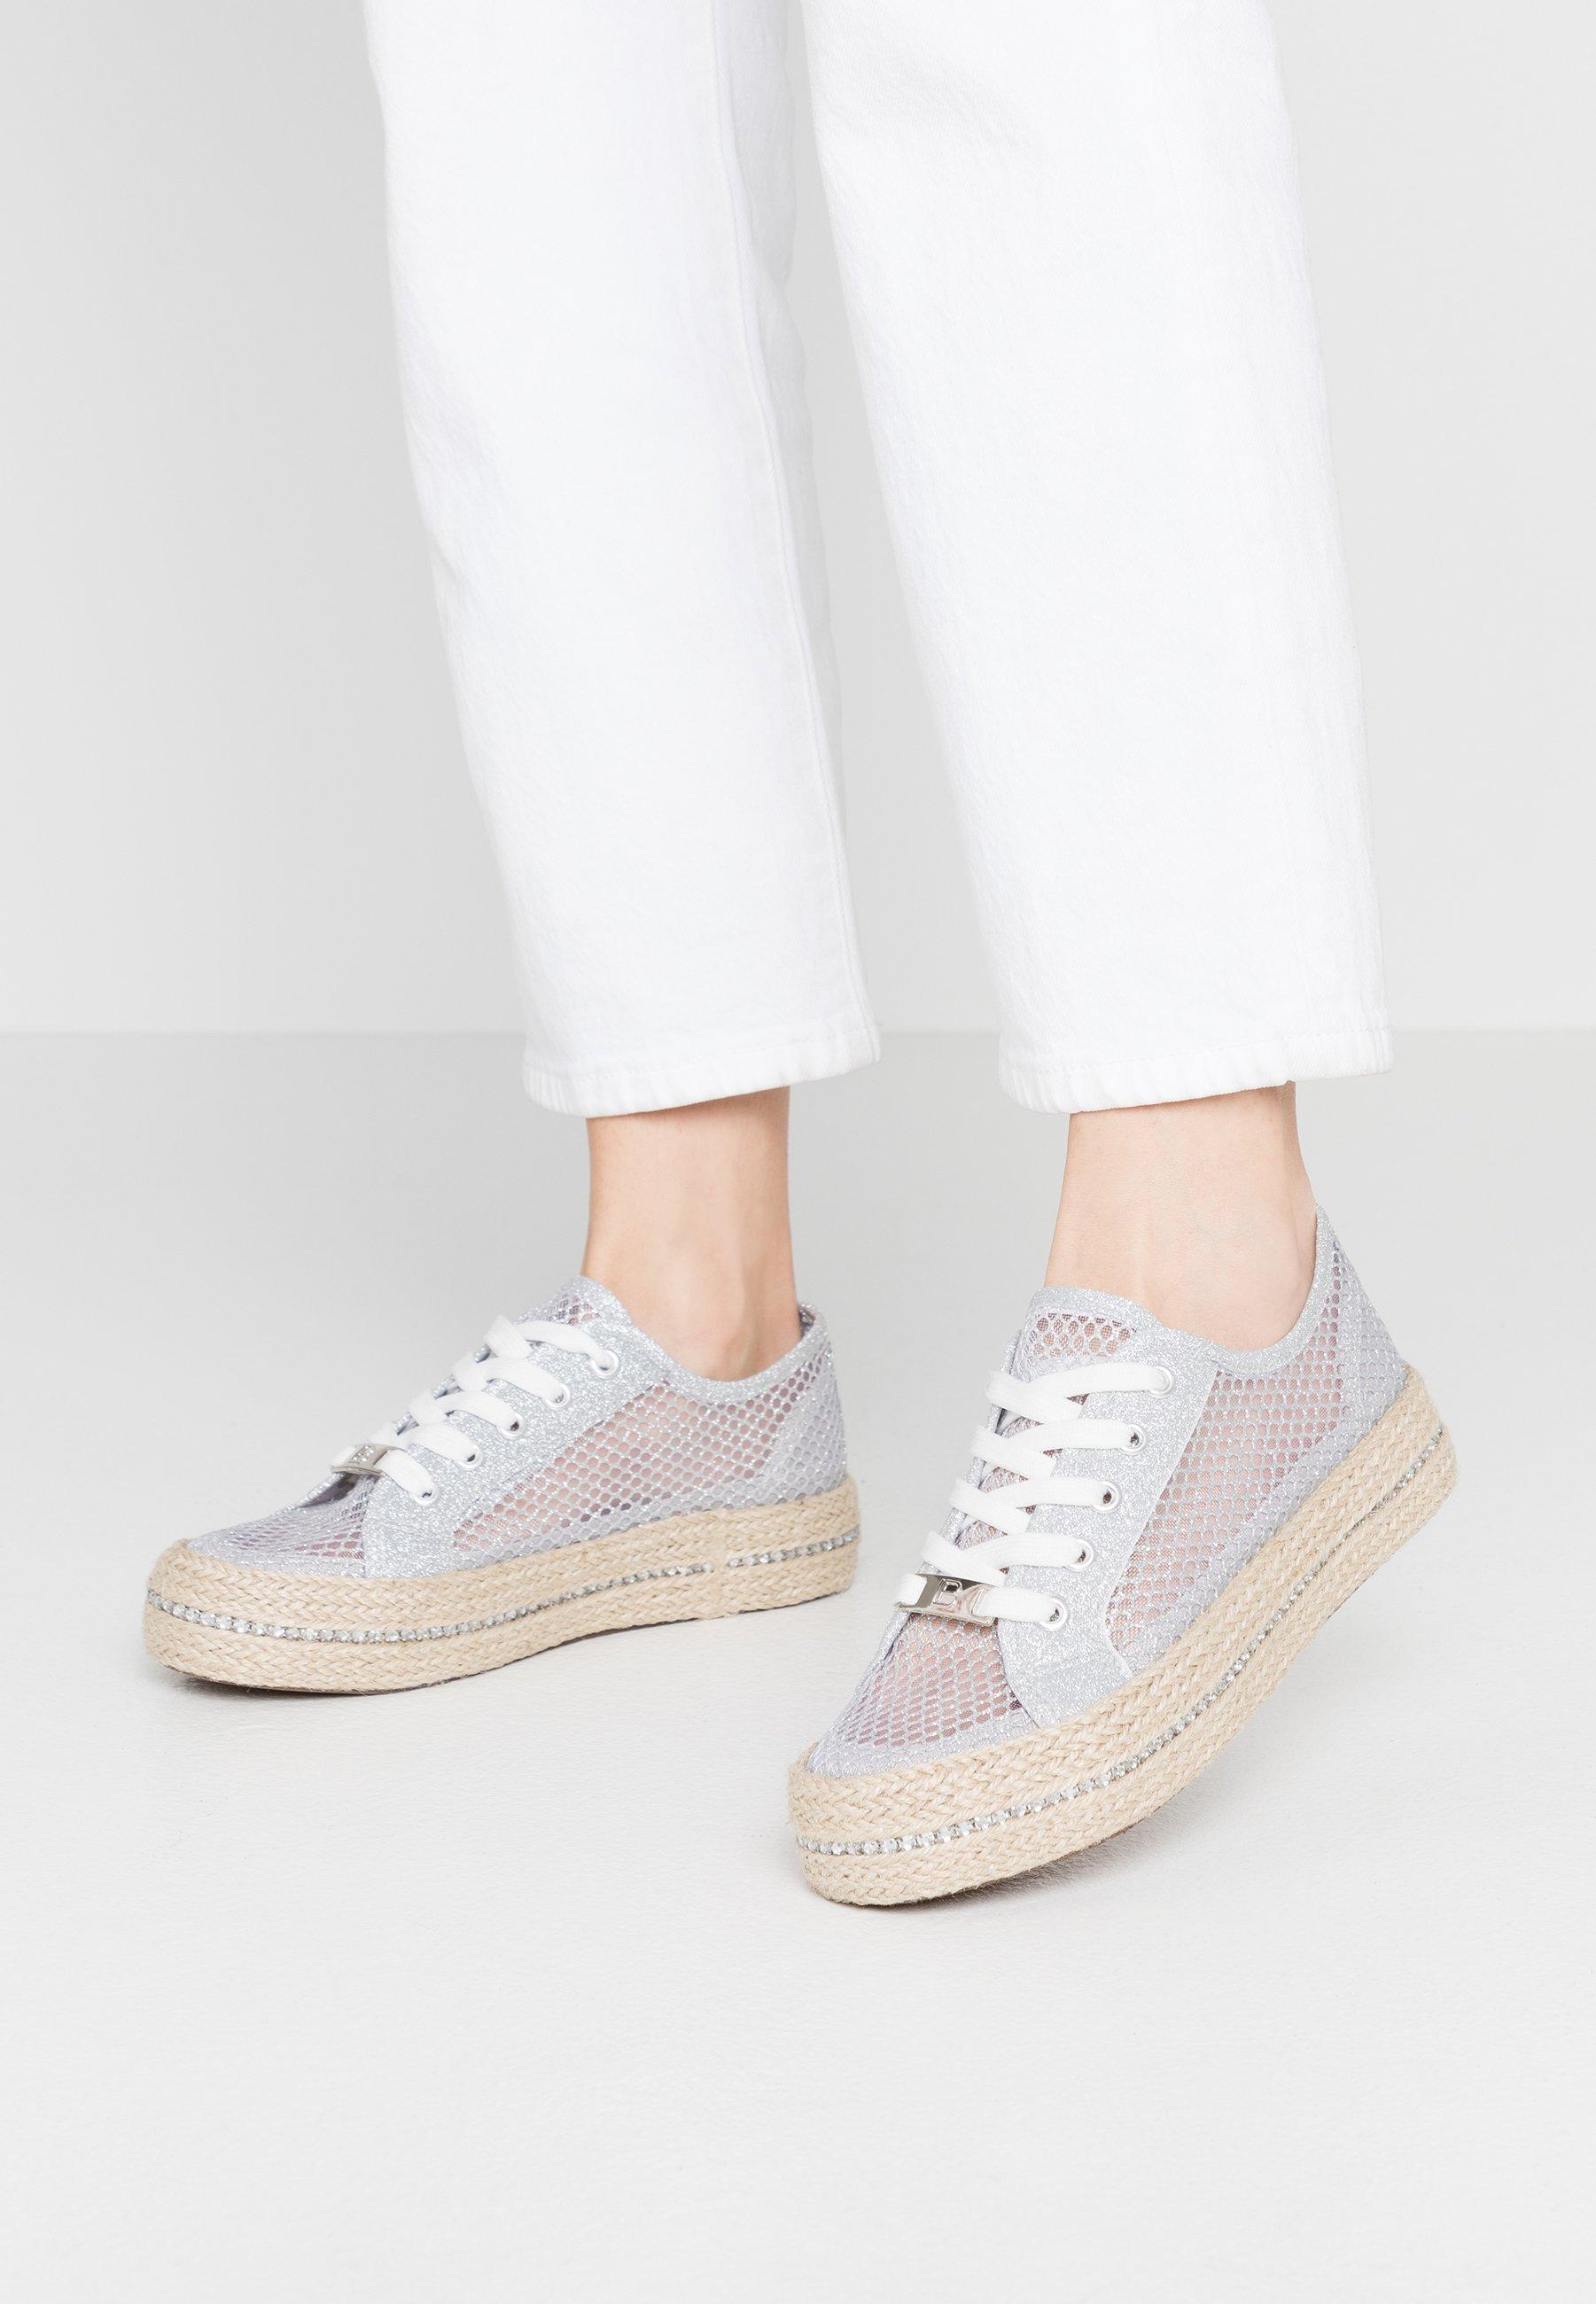 Silberne Schnürschuhe für Damen | Weiblichkeit mit